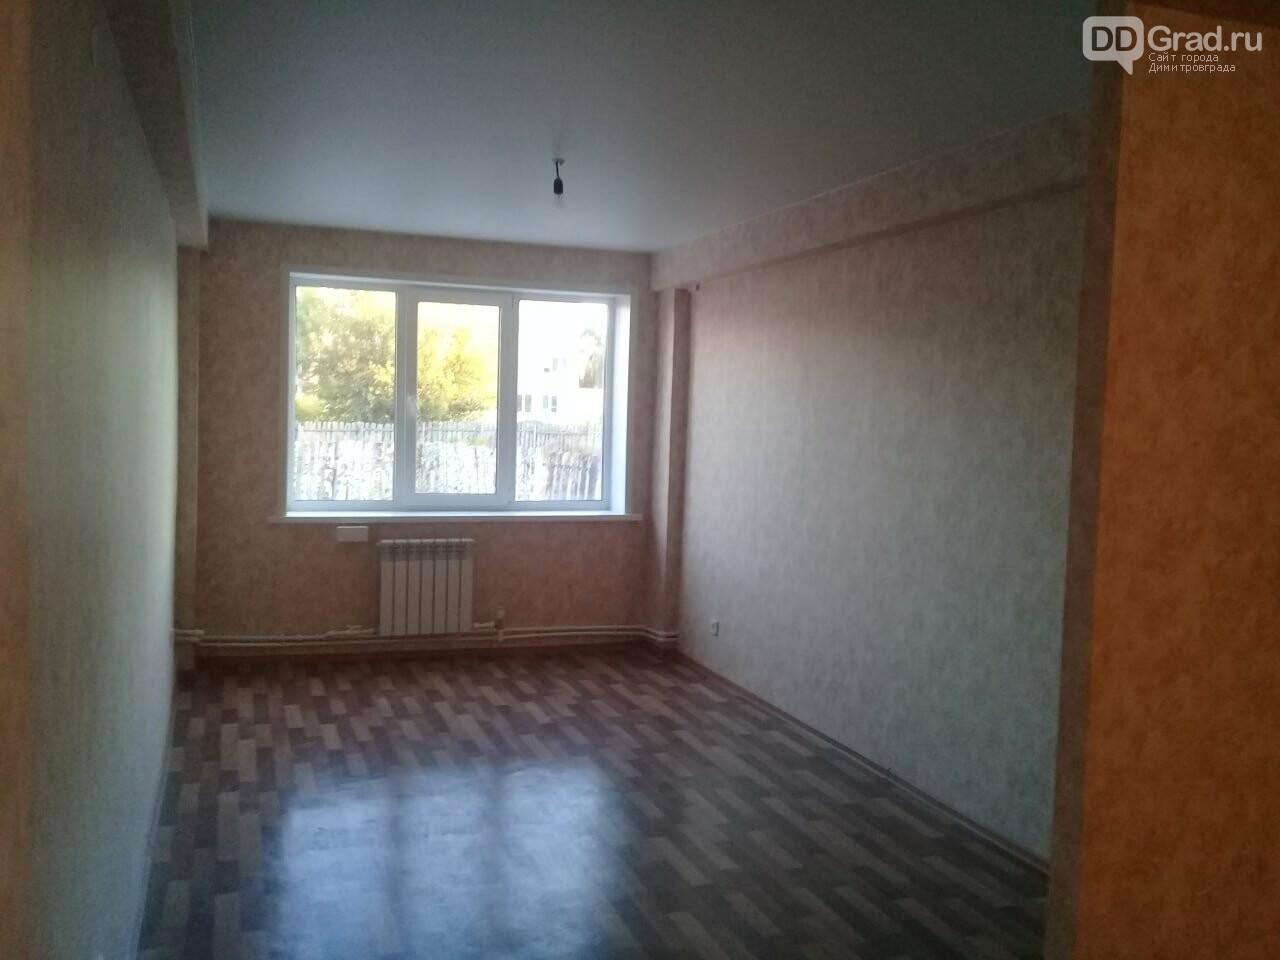 В 2020 году, в Димитровграде будет сдан дом для сирот, фото-4